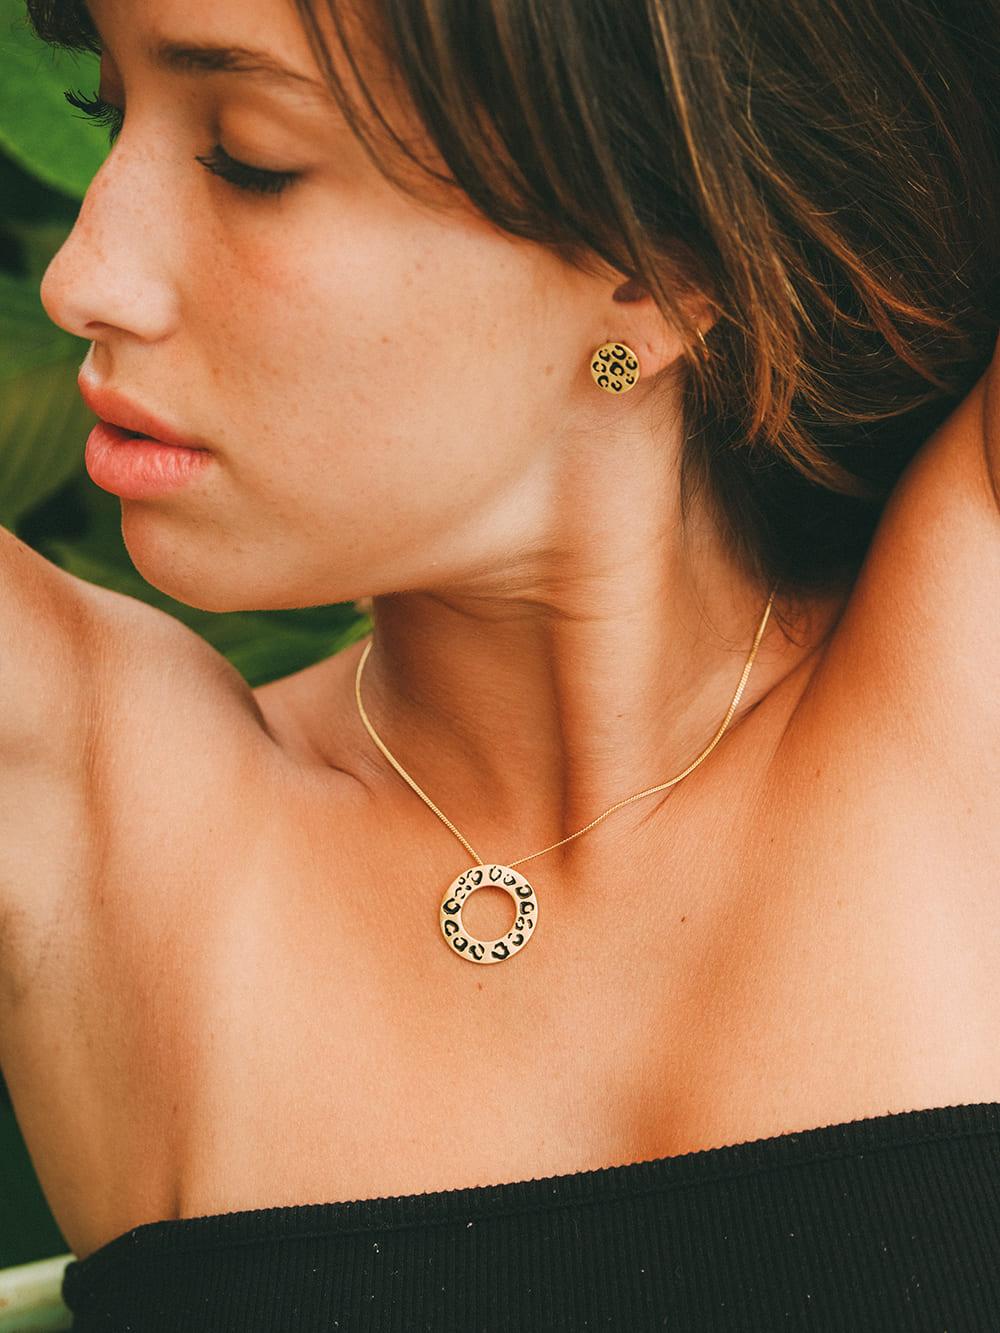 colgante de oro barato, joyas para regalar, colgante de leopardo para regalar, joyas marteliè barcelona, joyasmarket